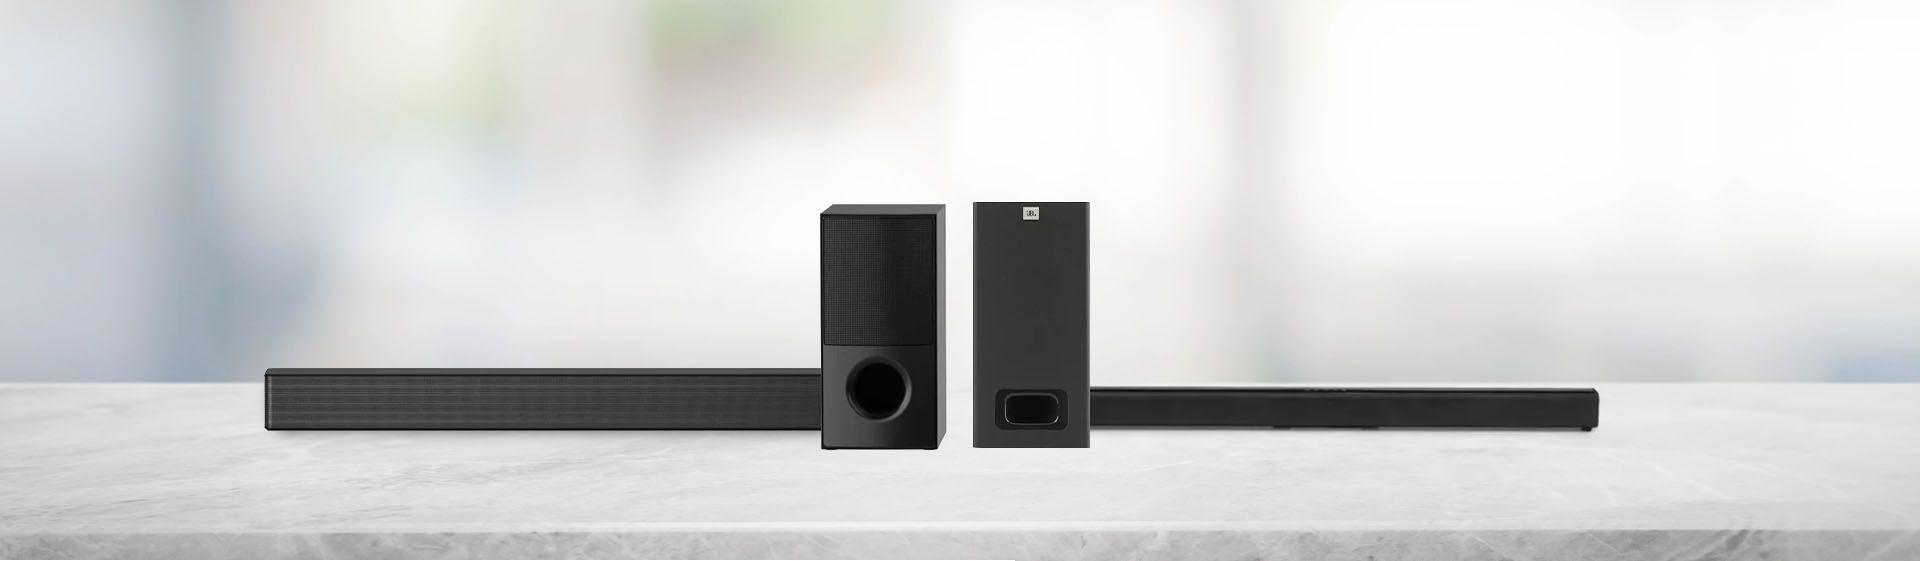 Soundbar LG SNH5 vs Soundbar JBL SB130: qual é melhor?